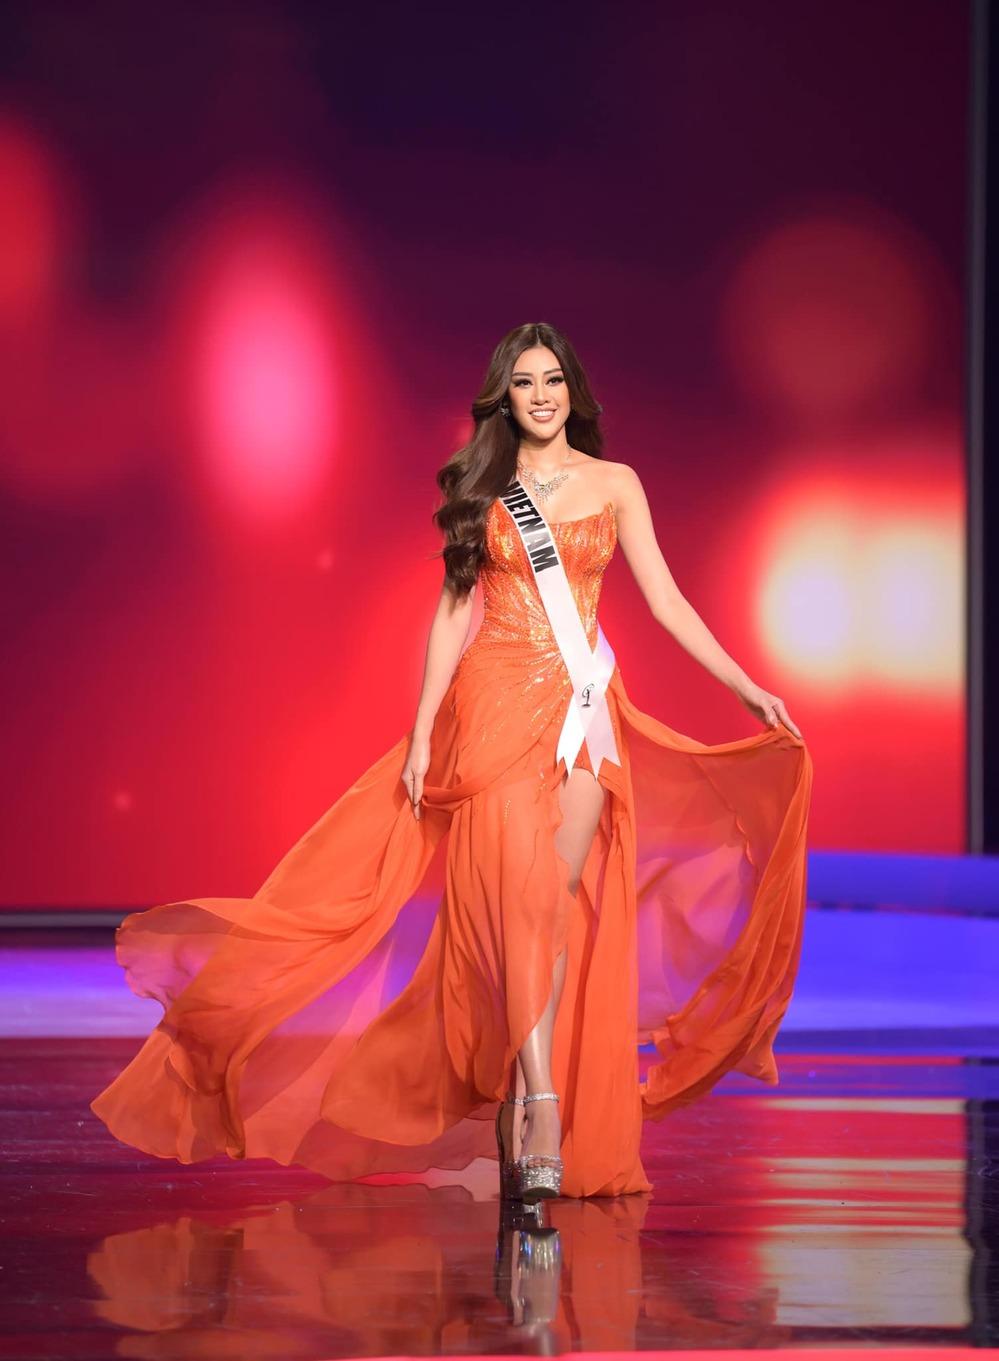 Dù không phải là chủ nhân vương miện Miss Universe 2020, Khánh Vân vẫn là người chiến thắng trong lòng fan.(Ảnh: FBNV) - Tin sao Viet - Tin tuc sao Viet - Scandal sao Viet - Tin tuc cua Sao - Tin cua Sao